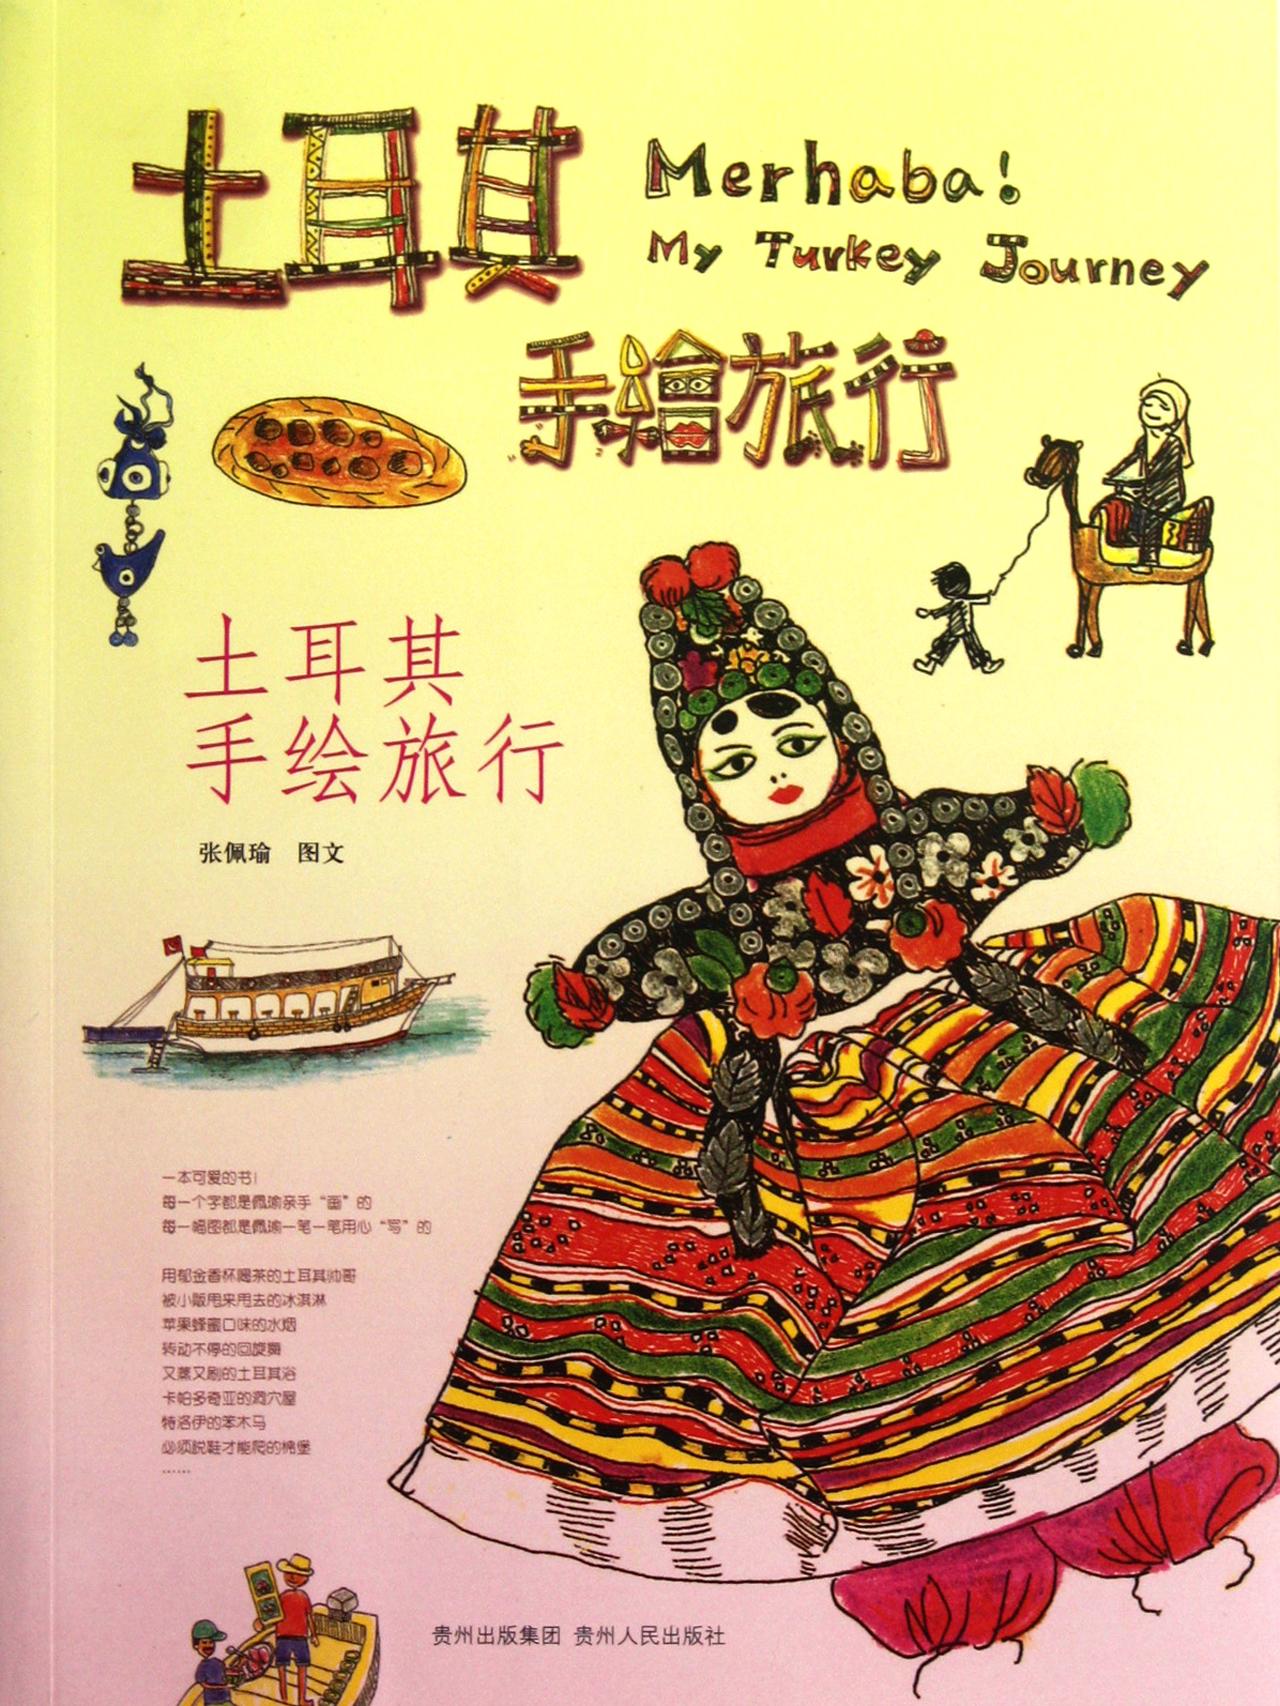 土耳其手绘旅行